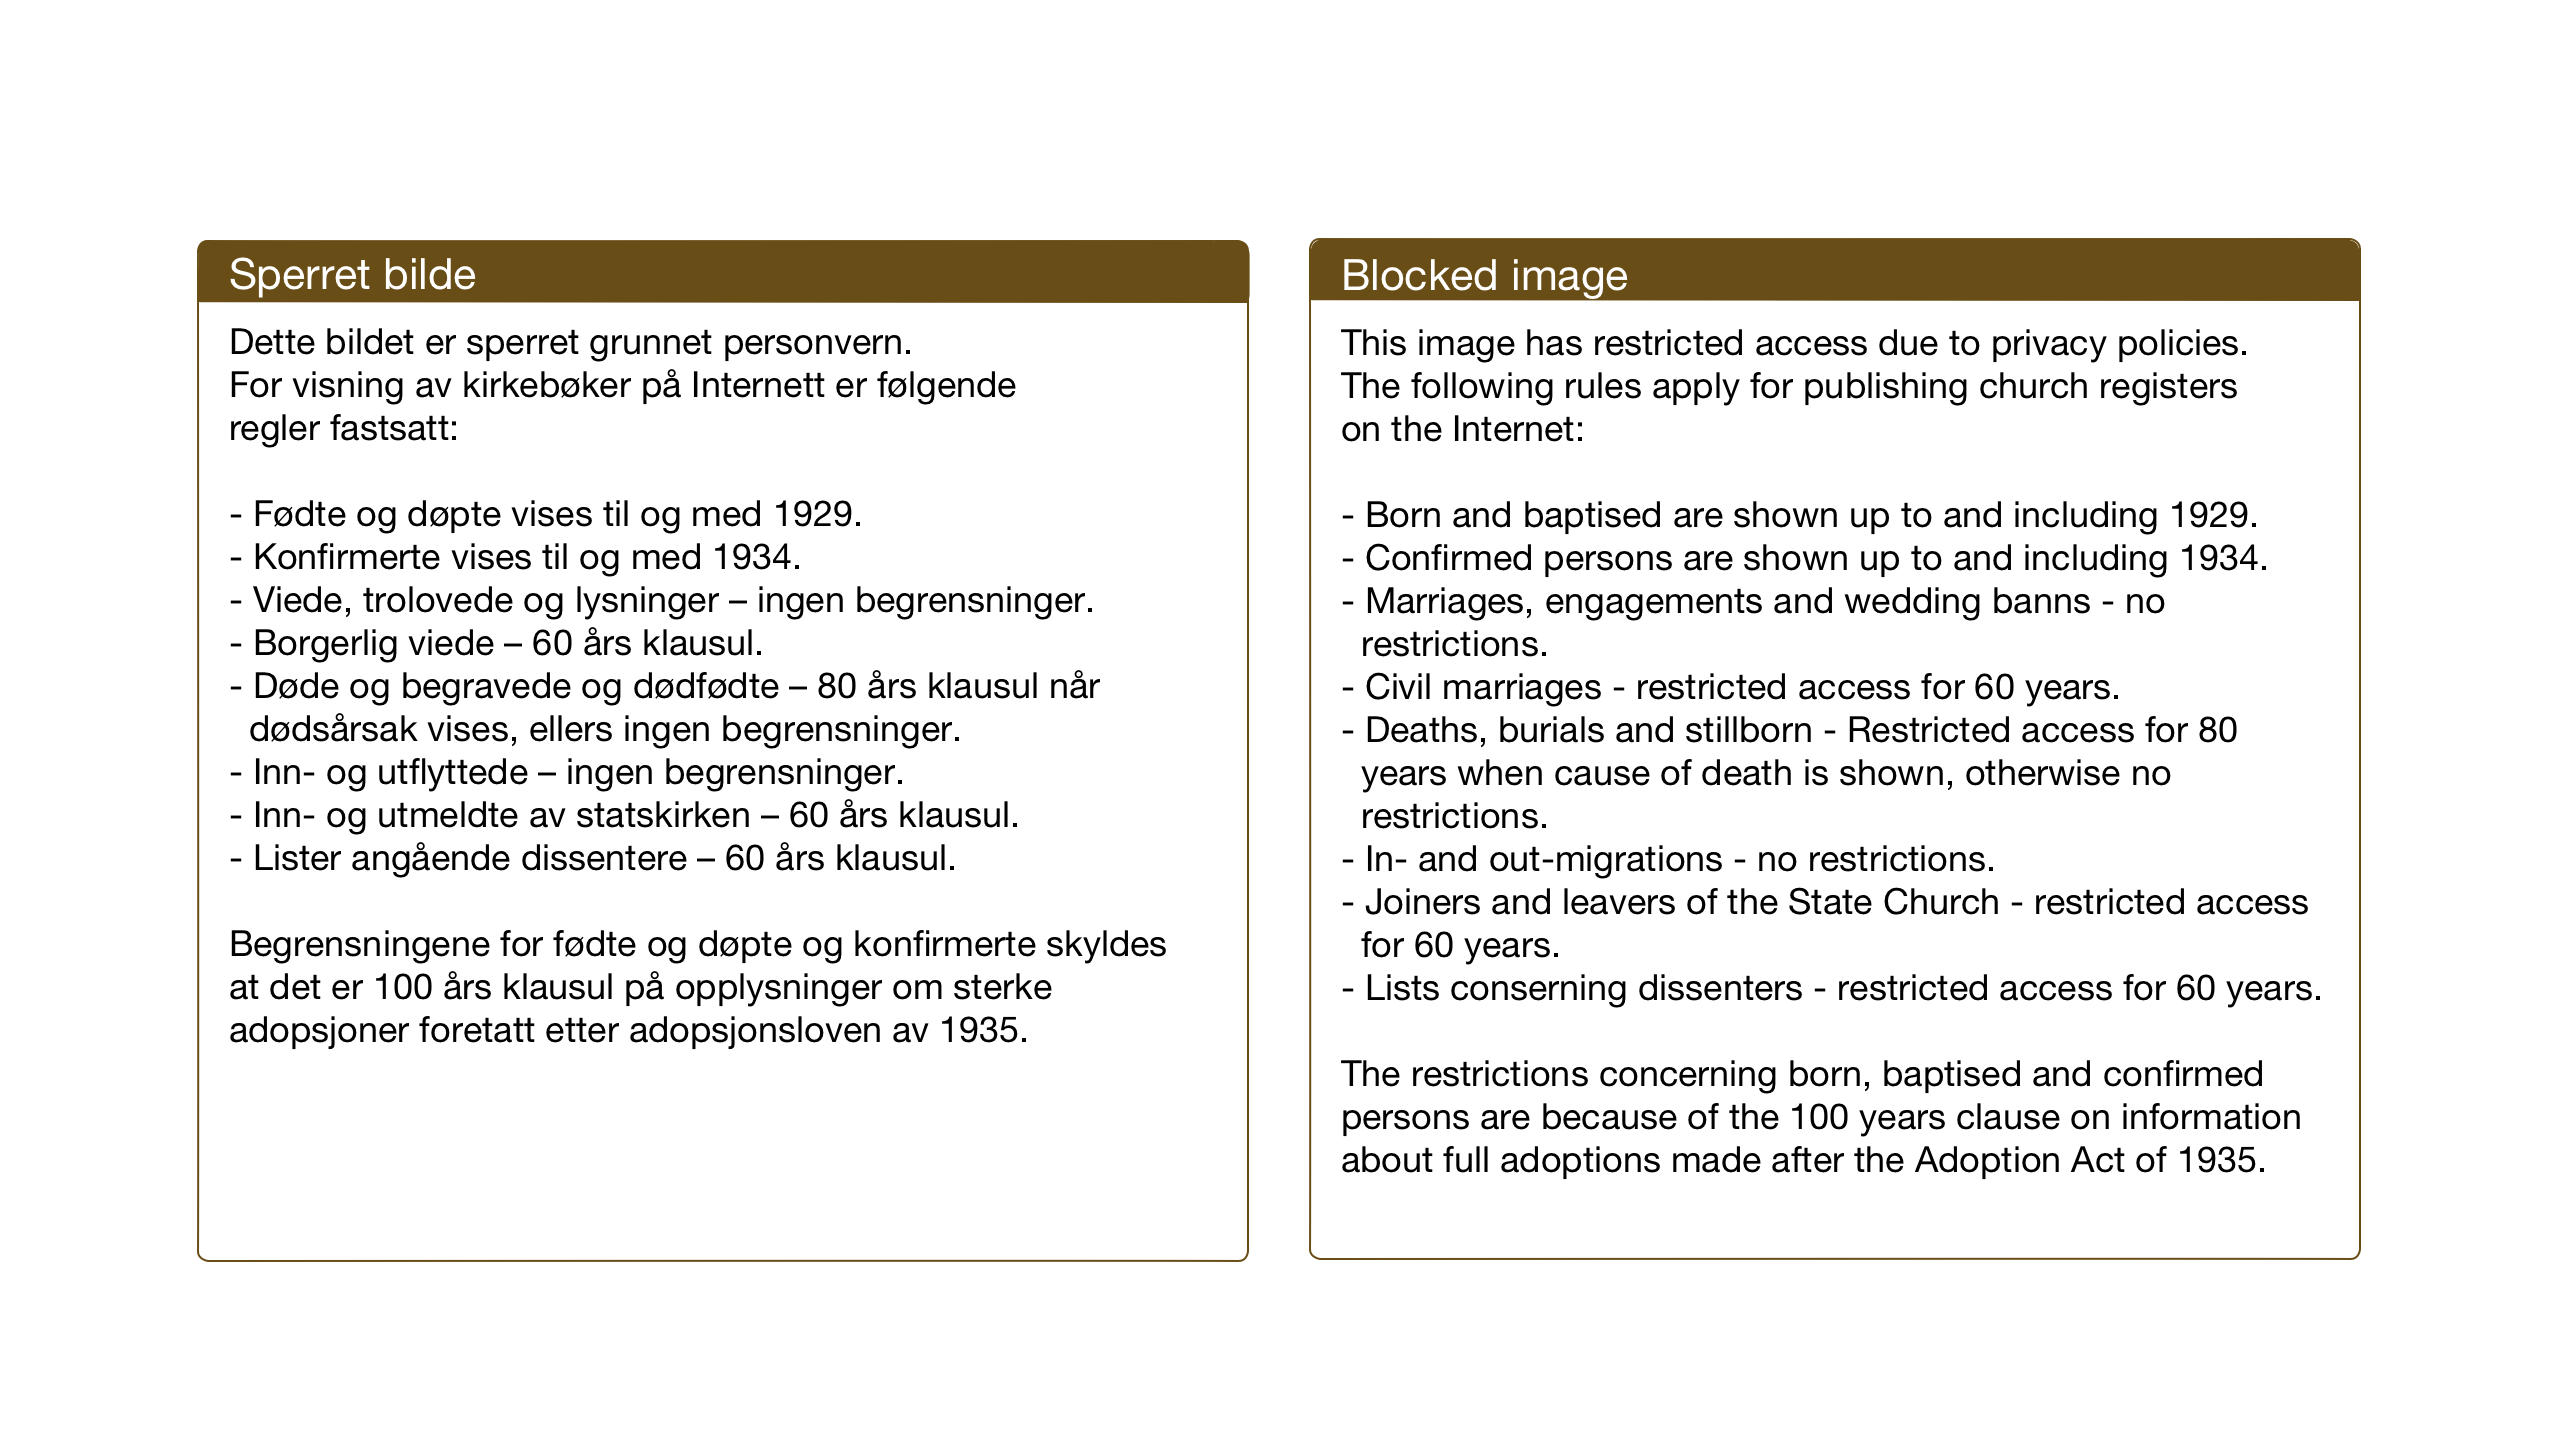 SAT, Ministerialprotokoller, klokkerbøker og fødselsregistre - Sør-Trøndelag, 635/L0554: Klokkerbok nr. 635C02, 1919-1942, s. 56